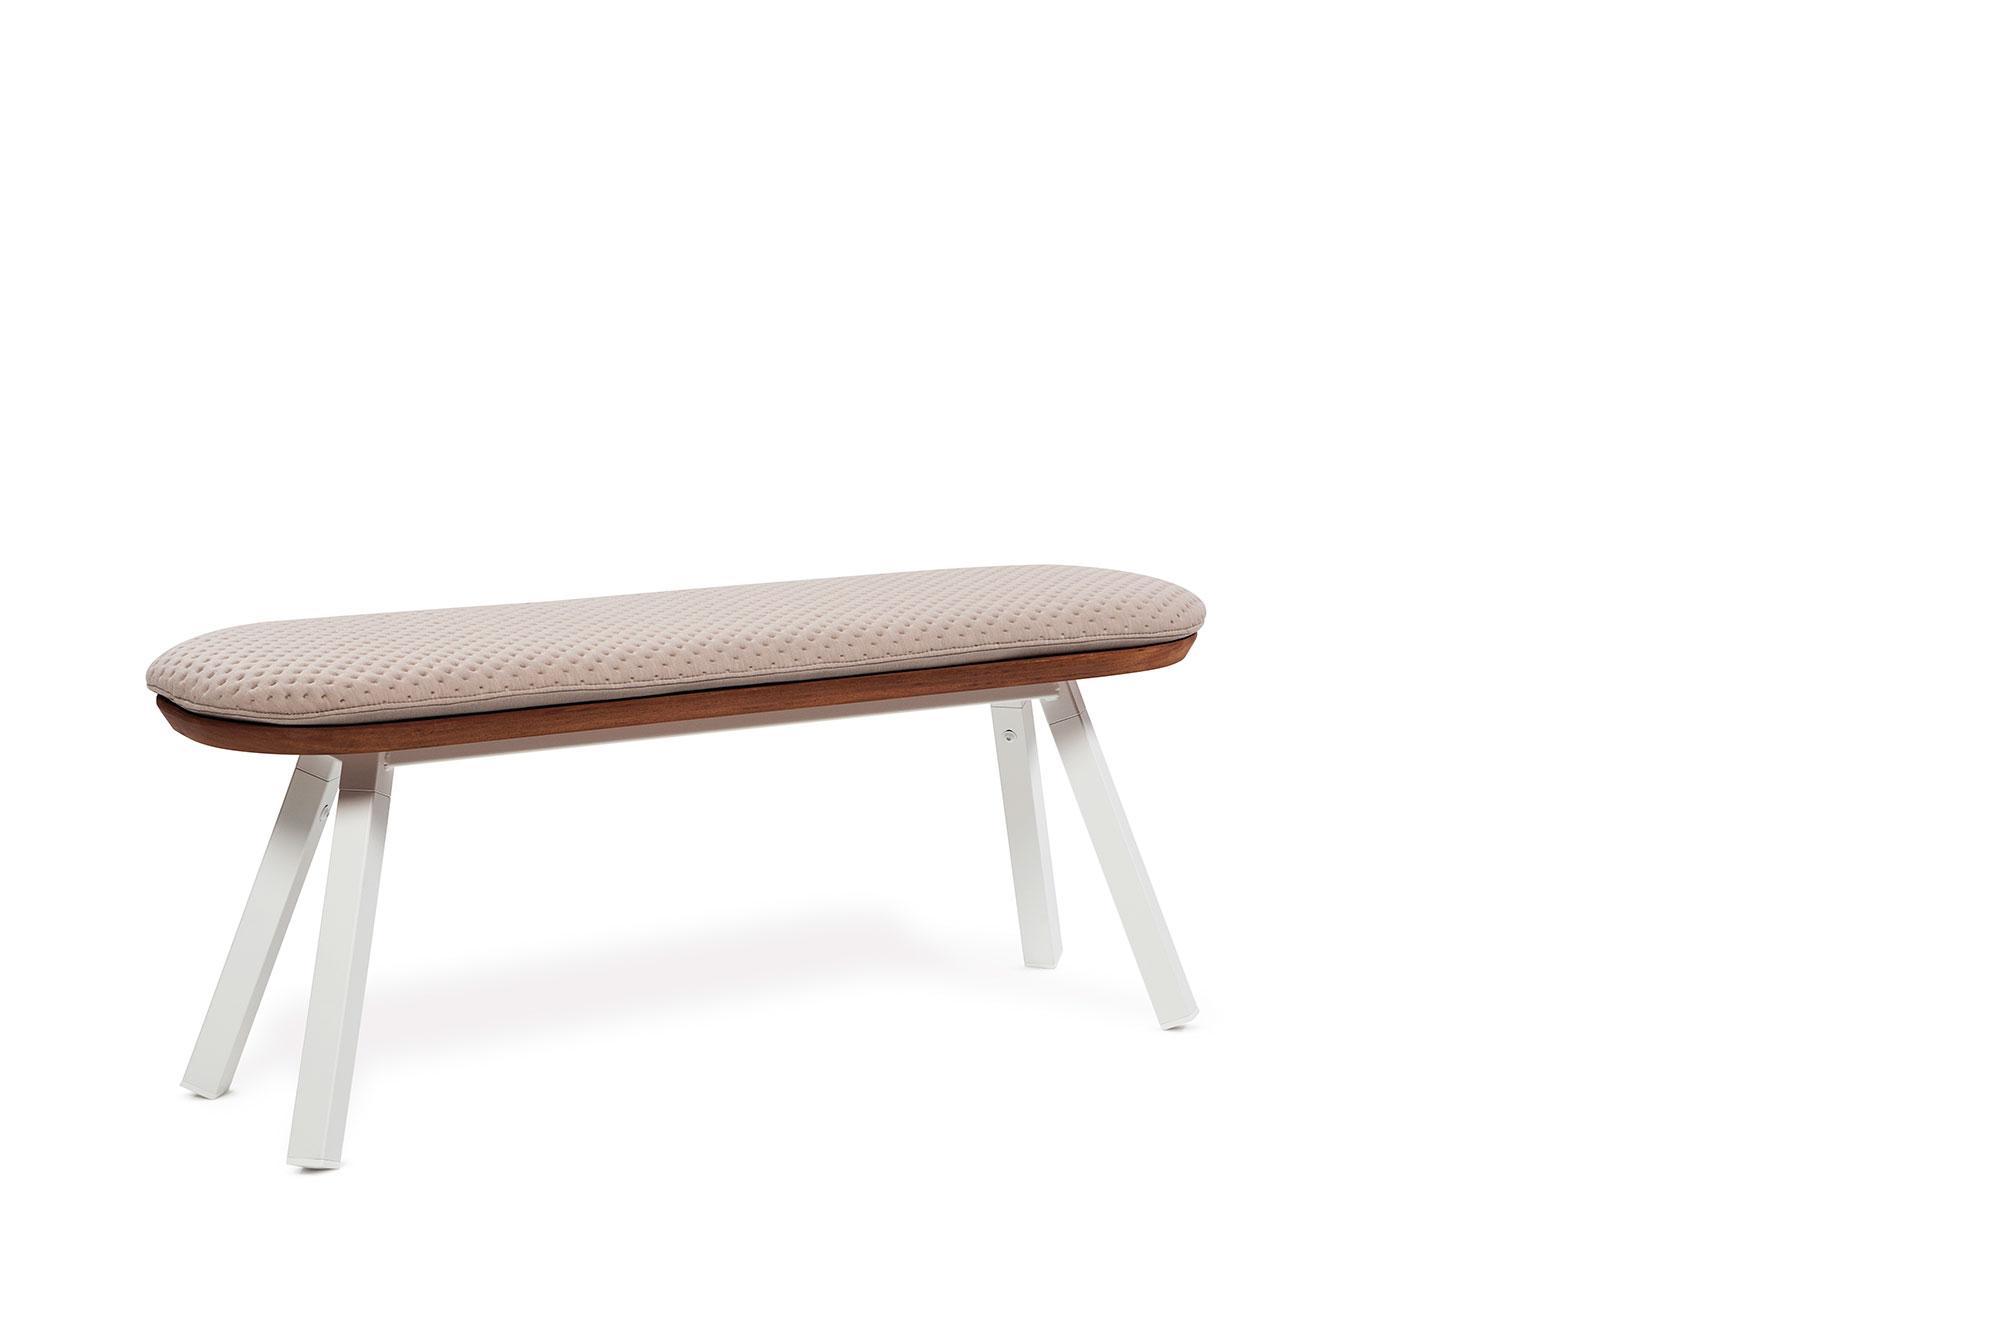 """Sitzkissen zur Sitzbank 120 cm """"In- & Outdoor"""" - Design YM von RS Barcelona"""